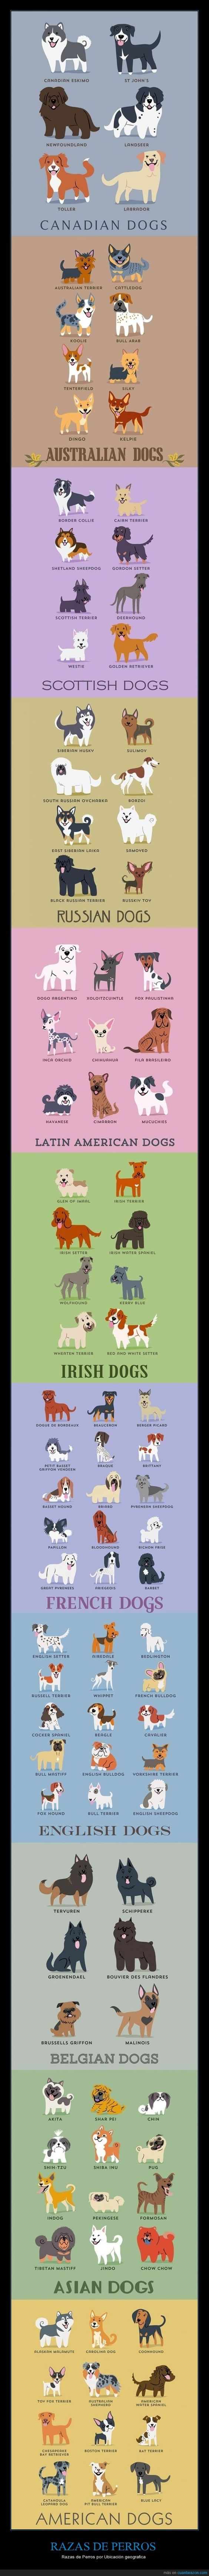 Meada para perros desarrollada por vbulletin